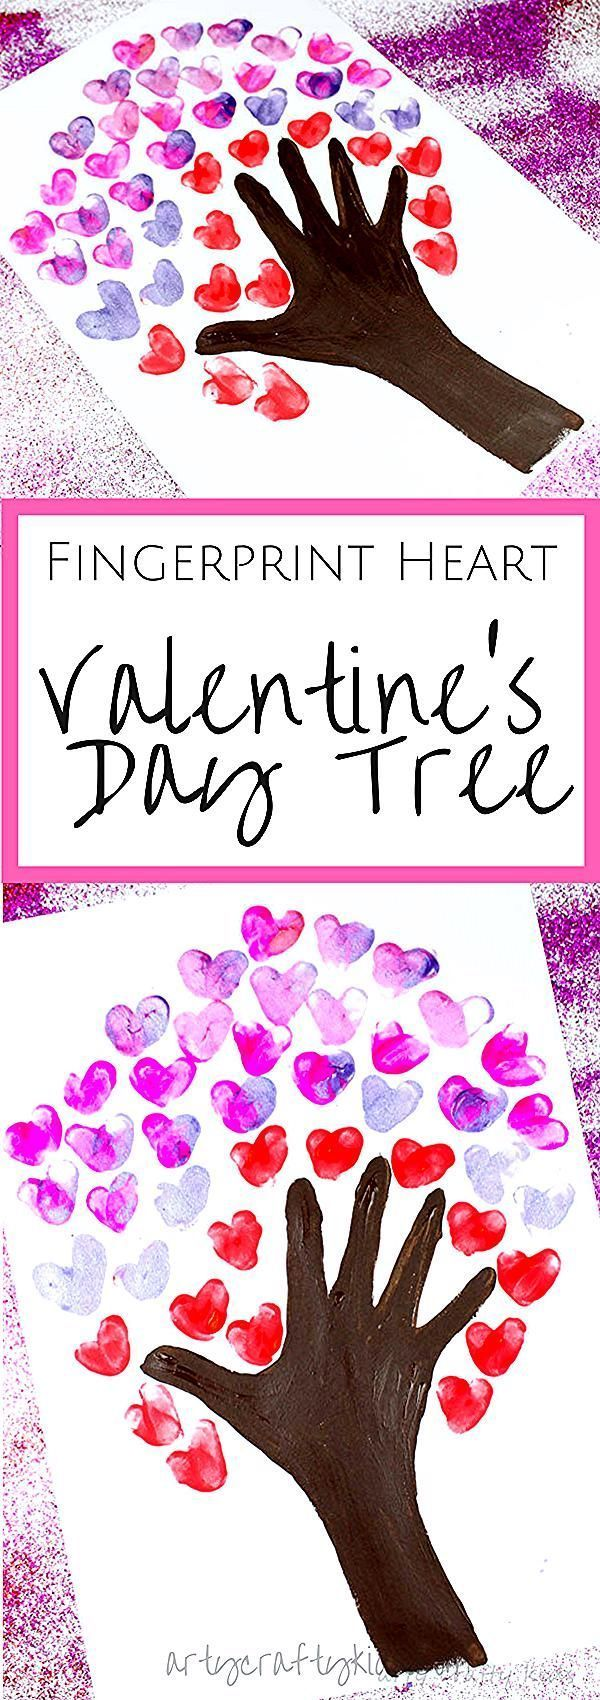 Arty Crafty Kids   Valentinstag Basteln für Kinder   Fingerabdruck Herz Valenti... -  - #Arty #basteln #Crafty #Fingerabdruck #für #Herz #Kids #Kinder #Valenti #Valentinstag #valentinesdaydecorations